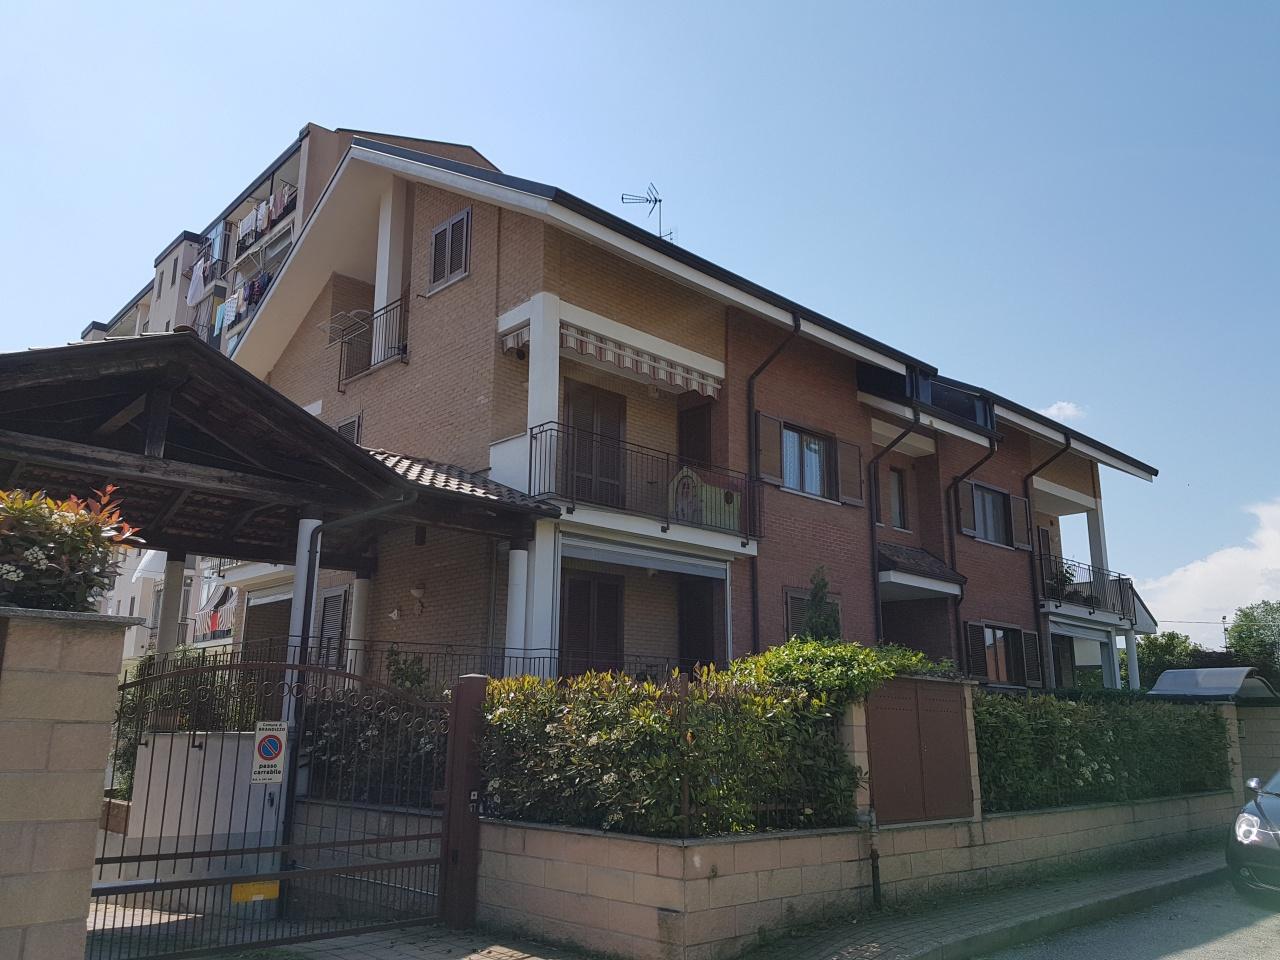 Appartamento in vendita a Brandizzo, 5 locali, prezzo € 189.000 | CambioCasa.it